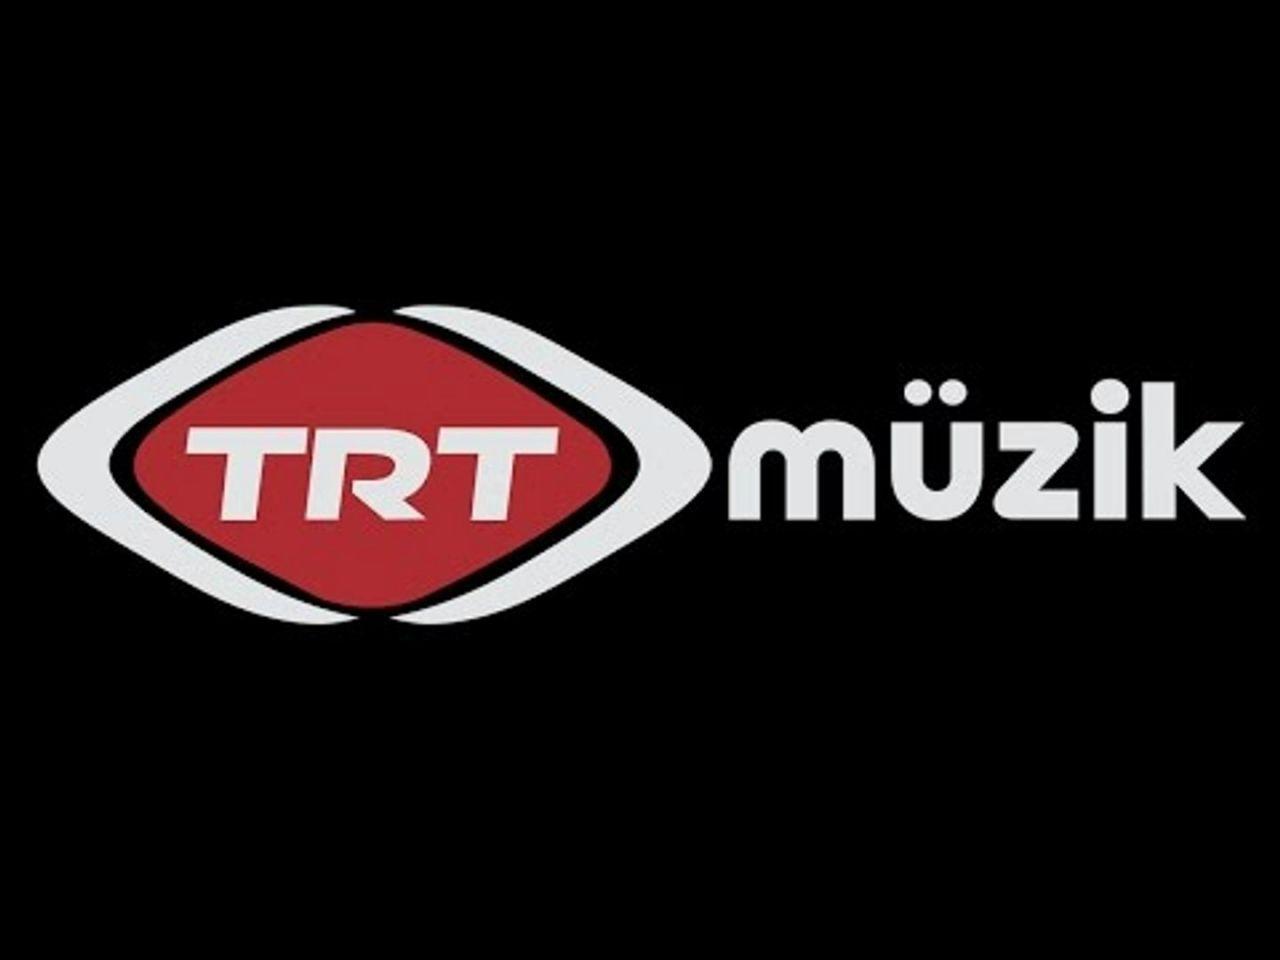 TRT'den yeni program! Hangi ünlü isim sunacak? - Sayfa:1